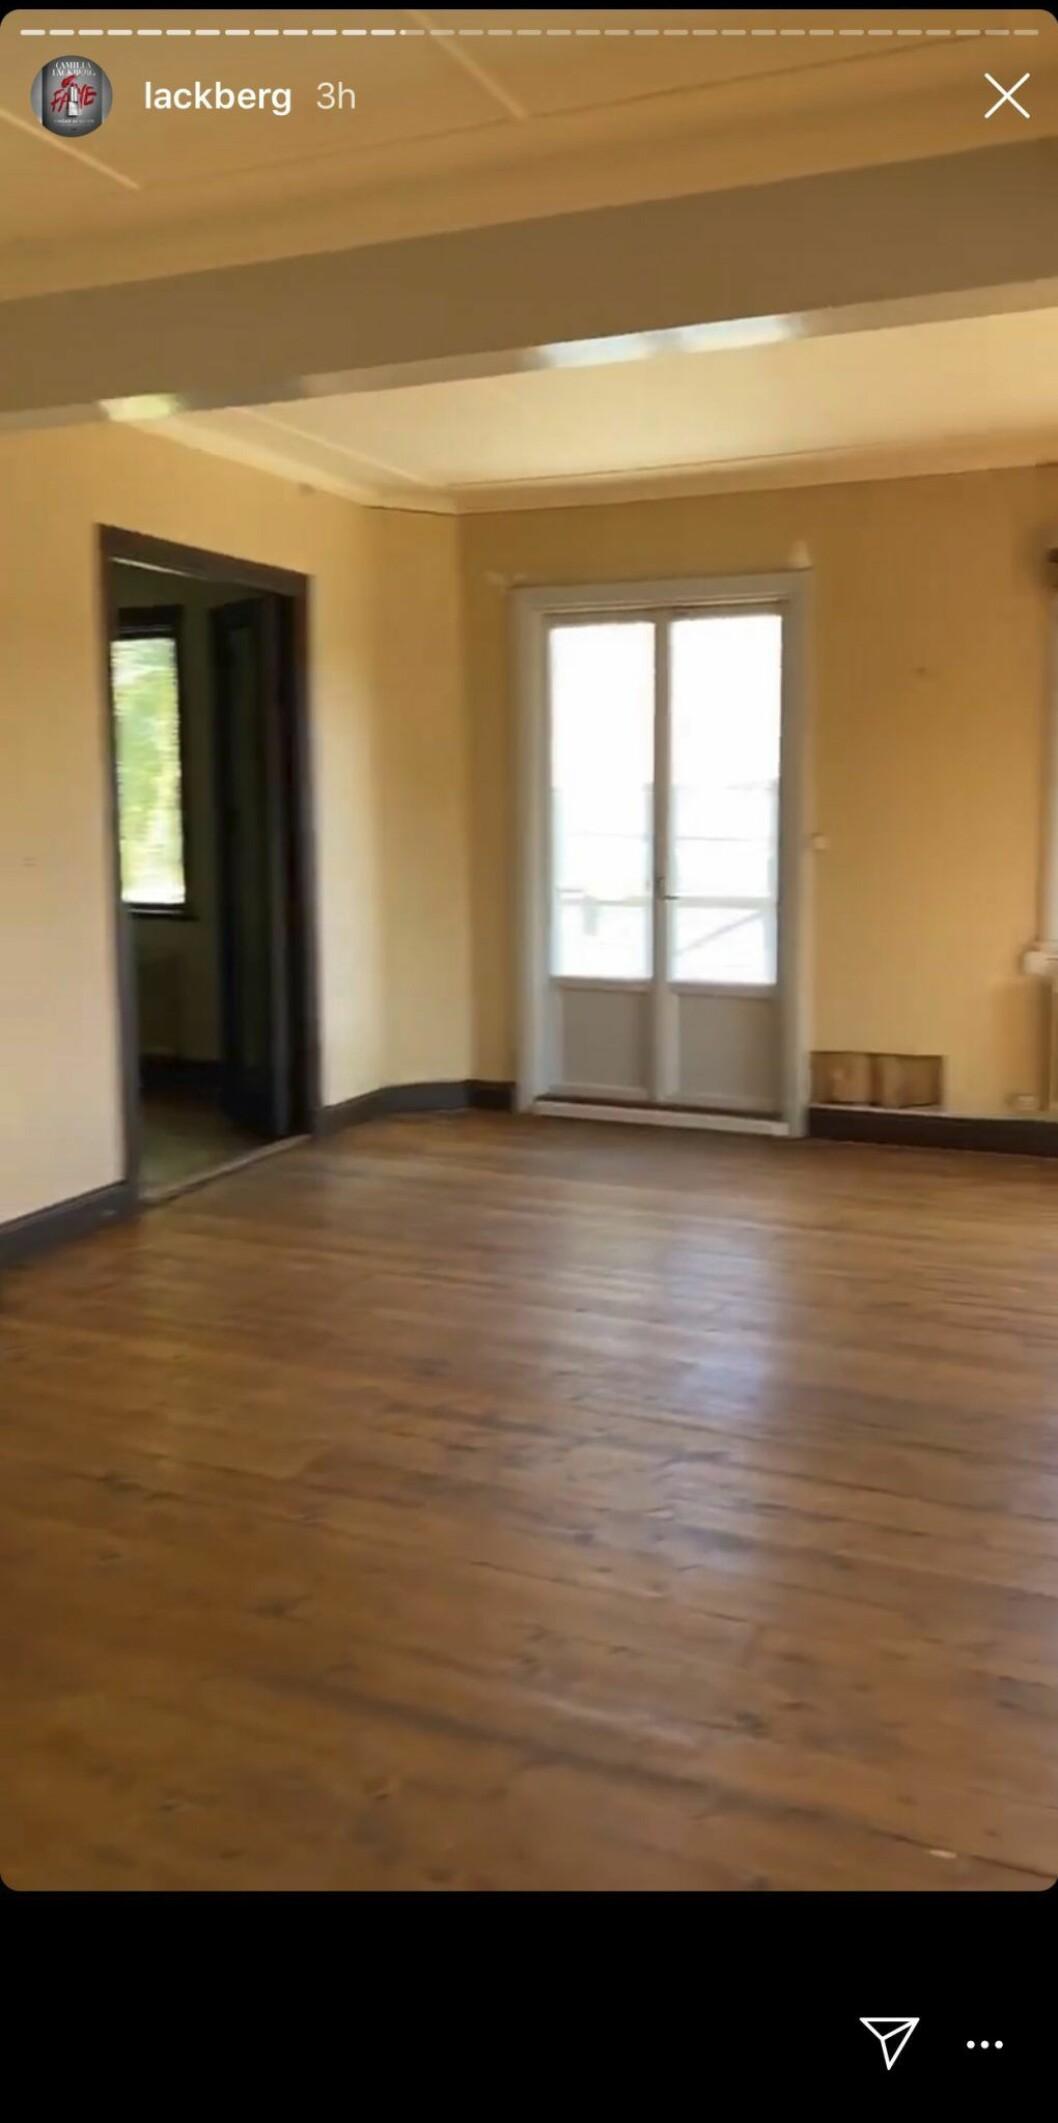 Läckberg nytt hus